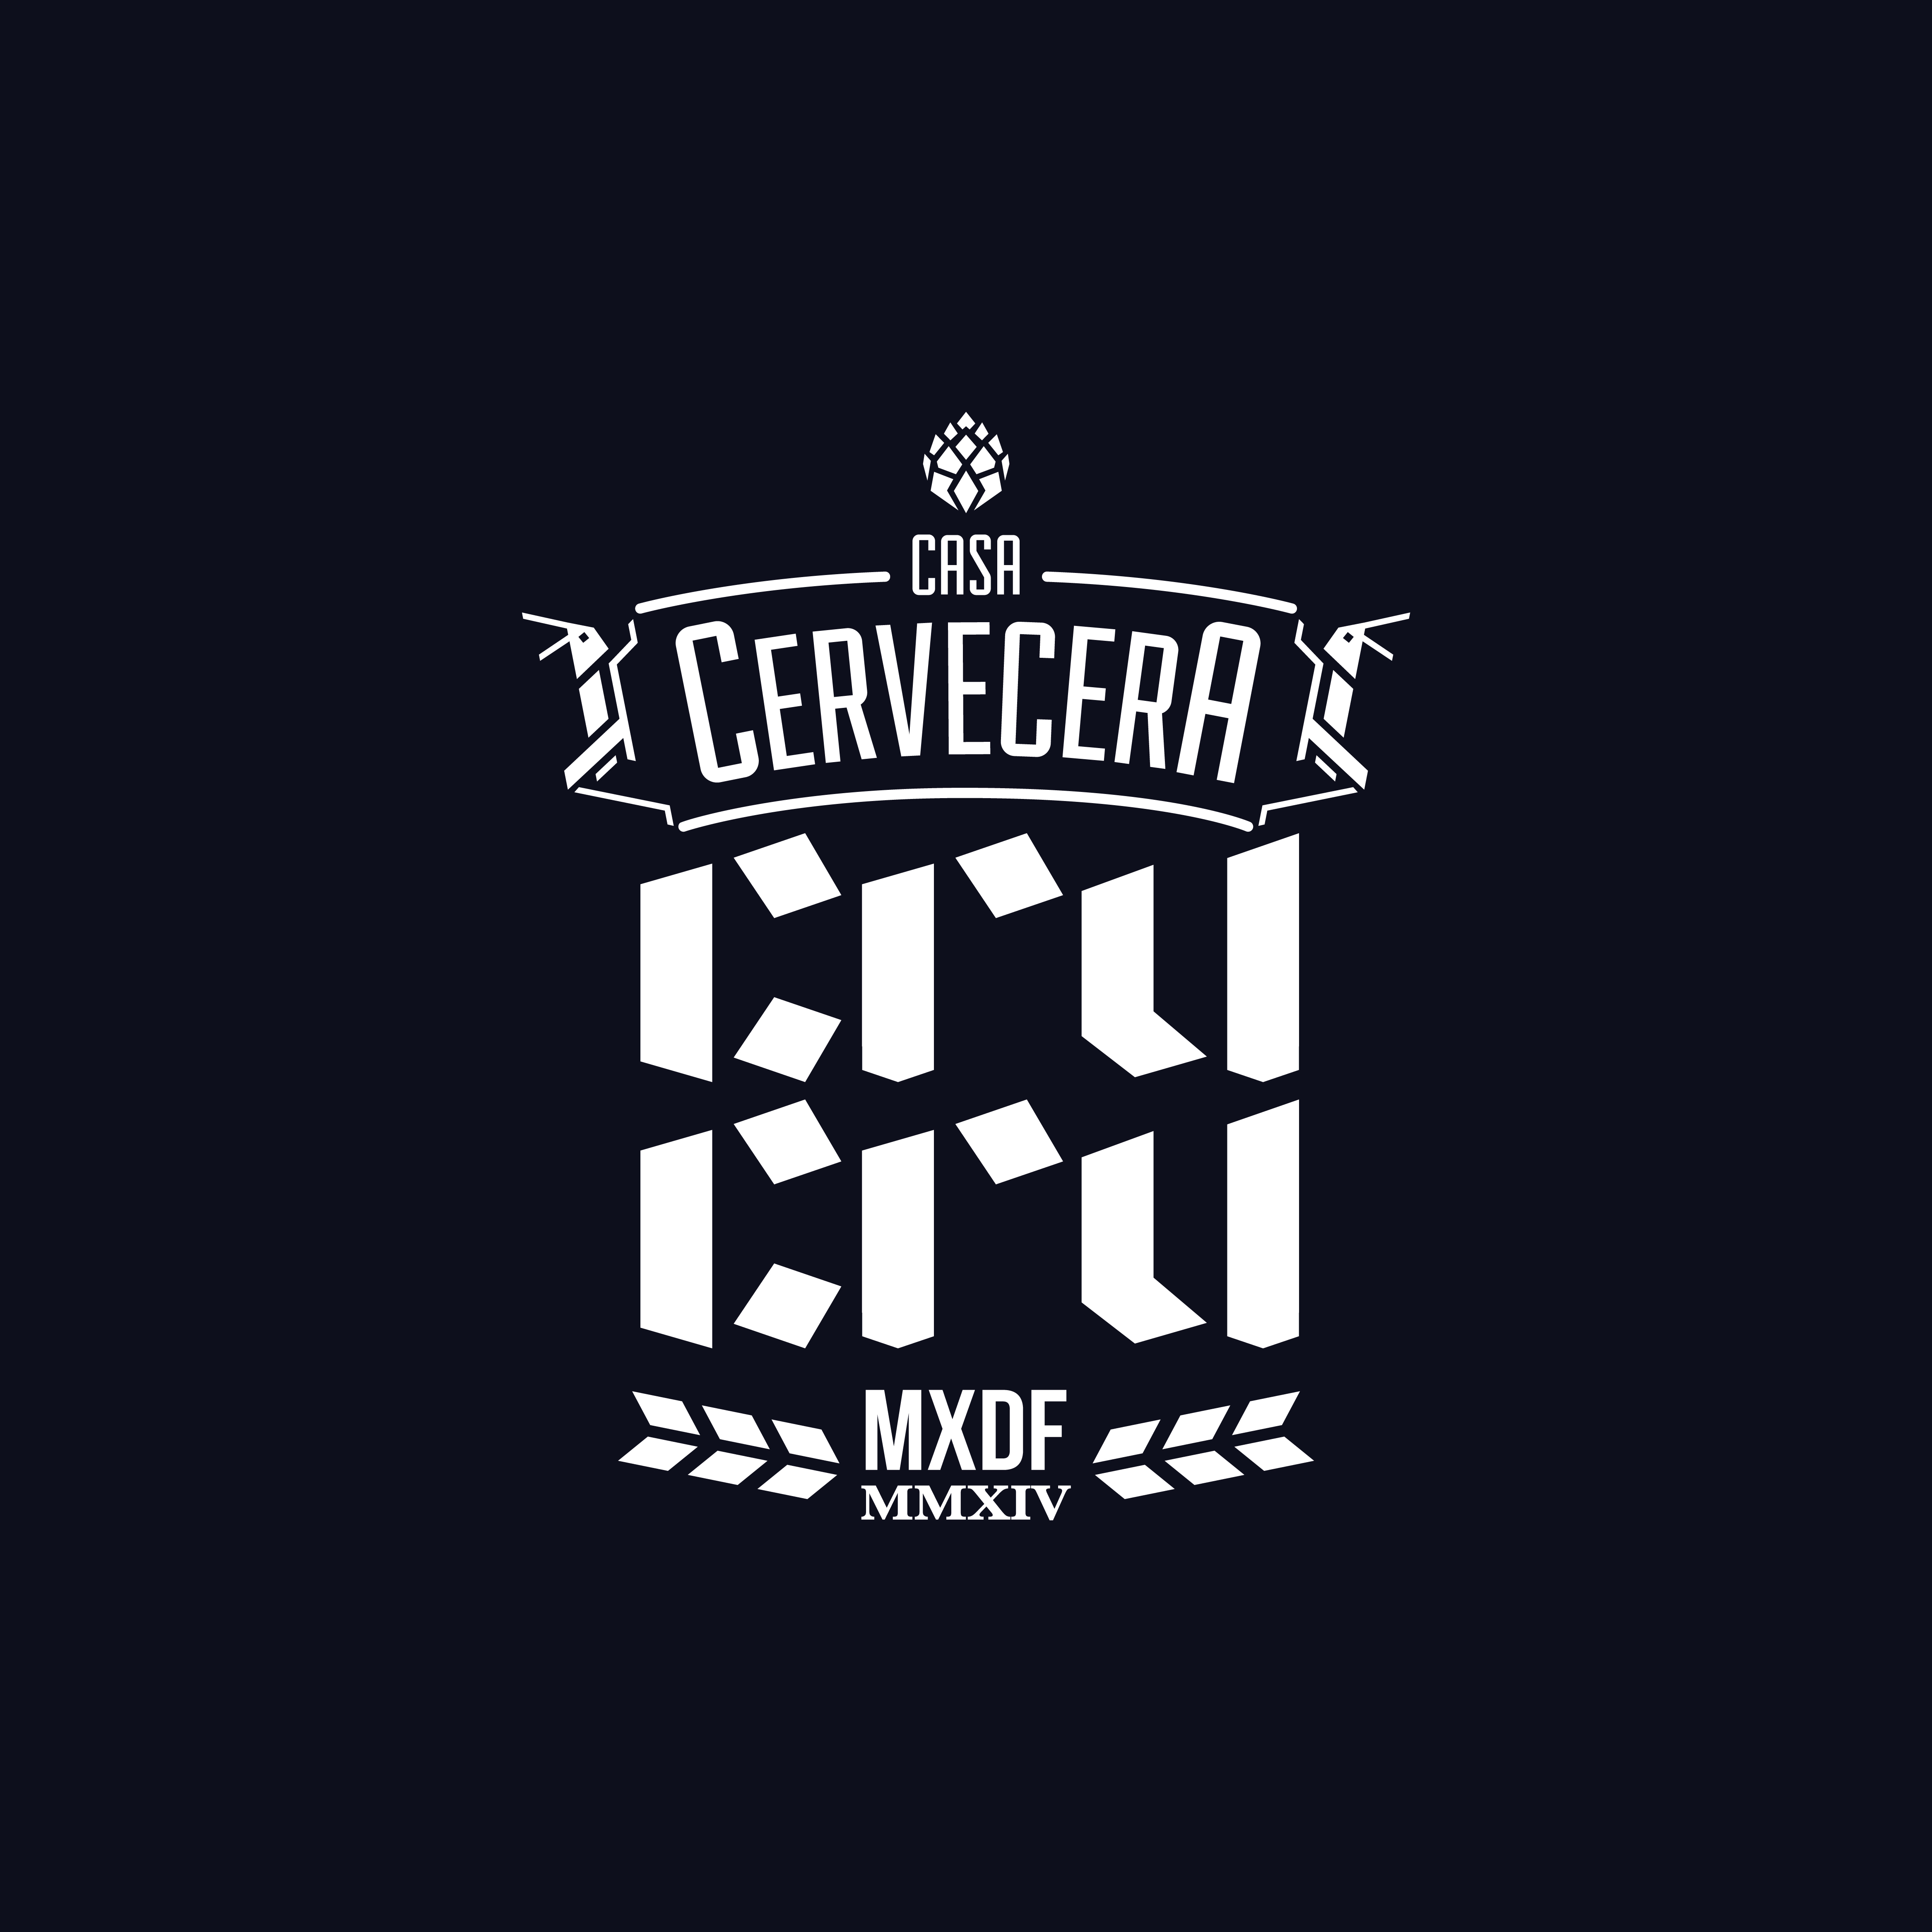 Casa Cervecera Cru Cru Mexico S.A.P.I. de C.V.